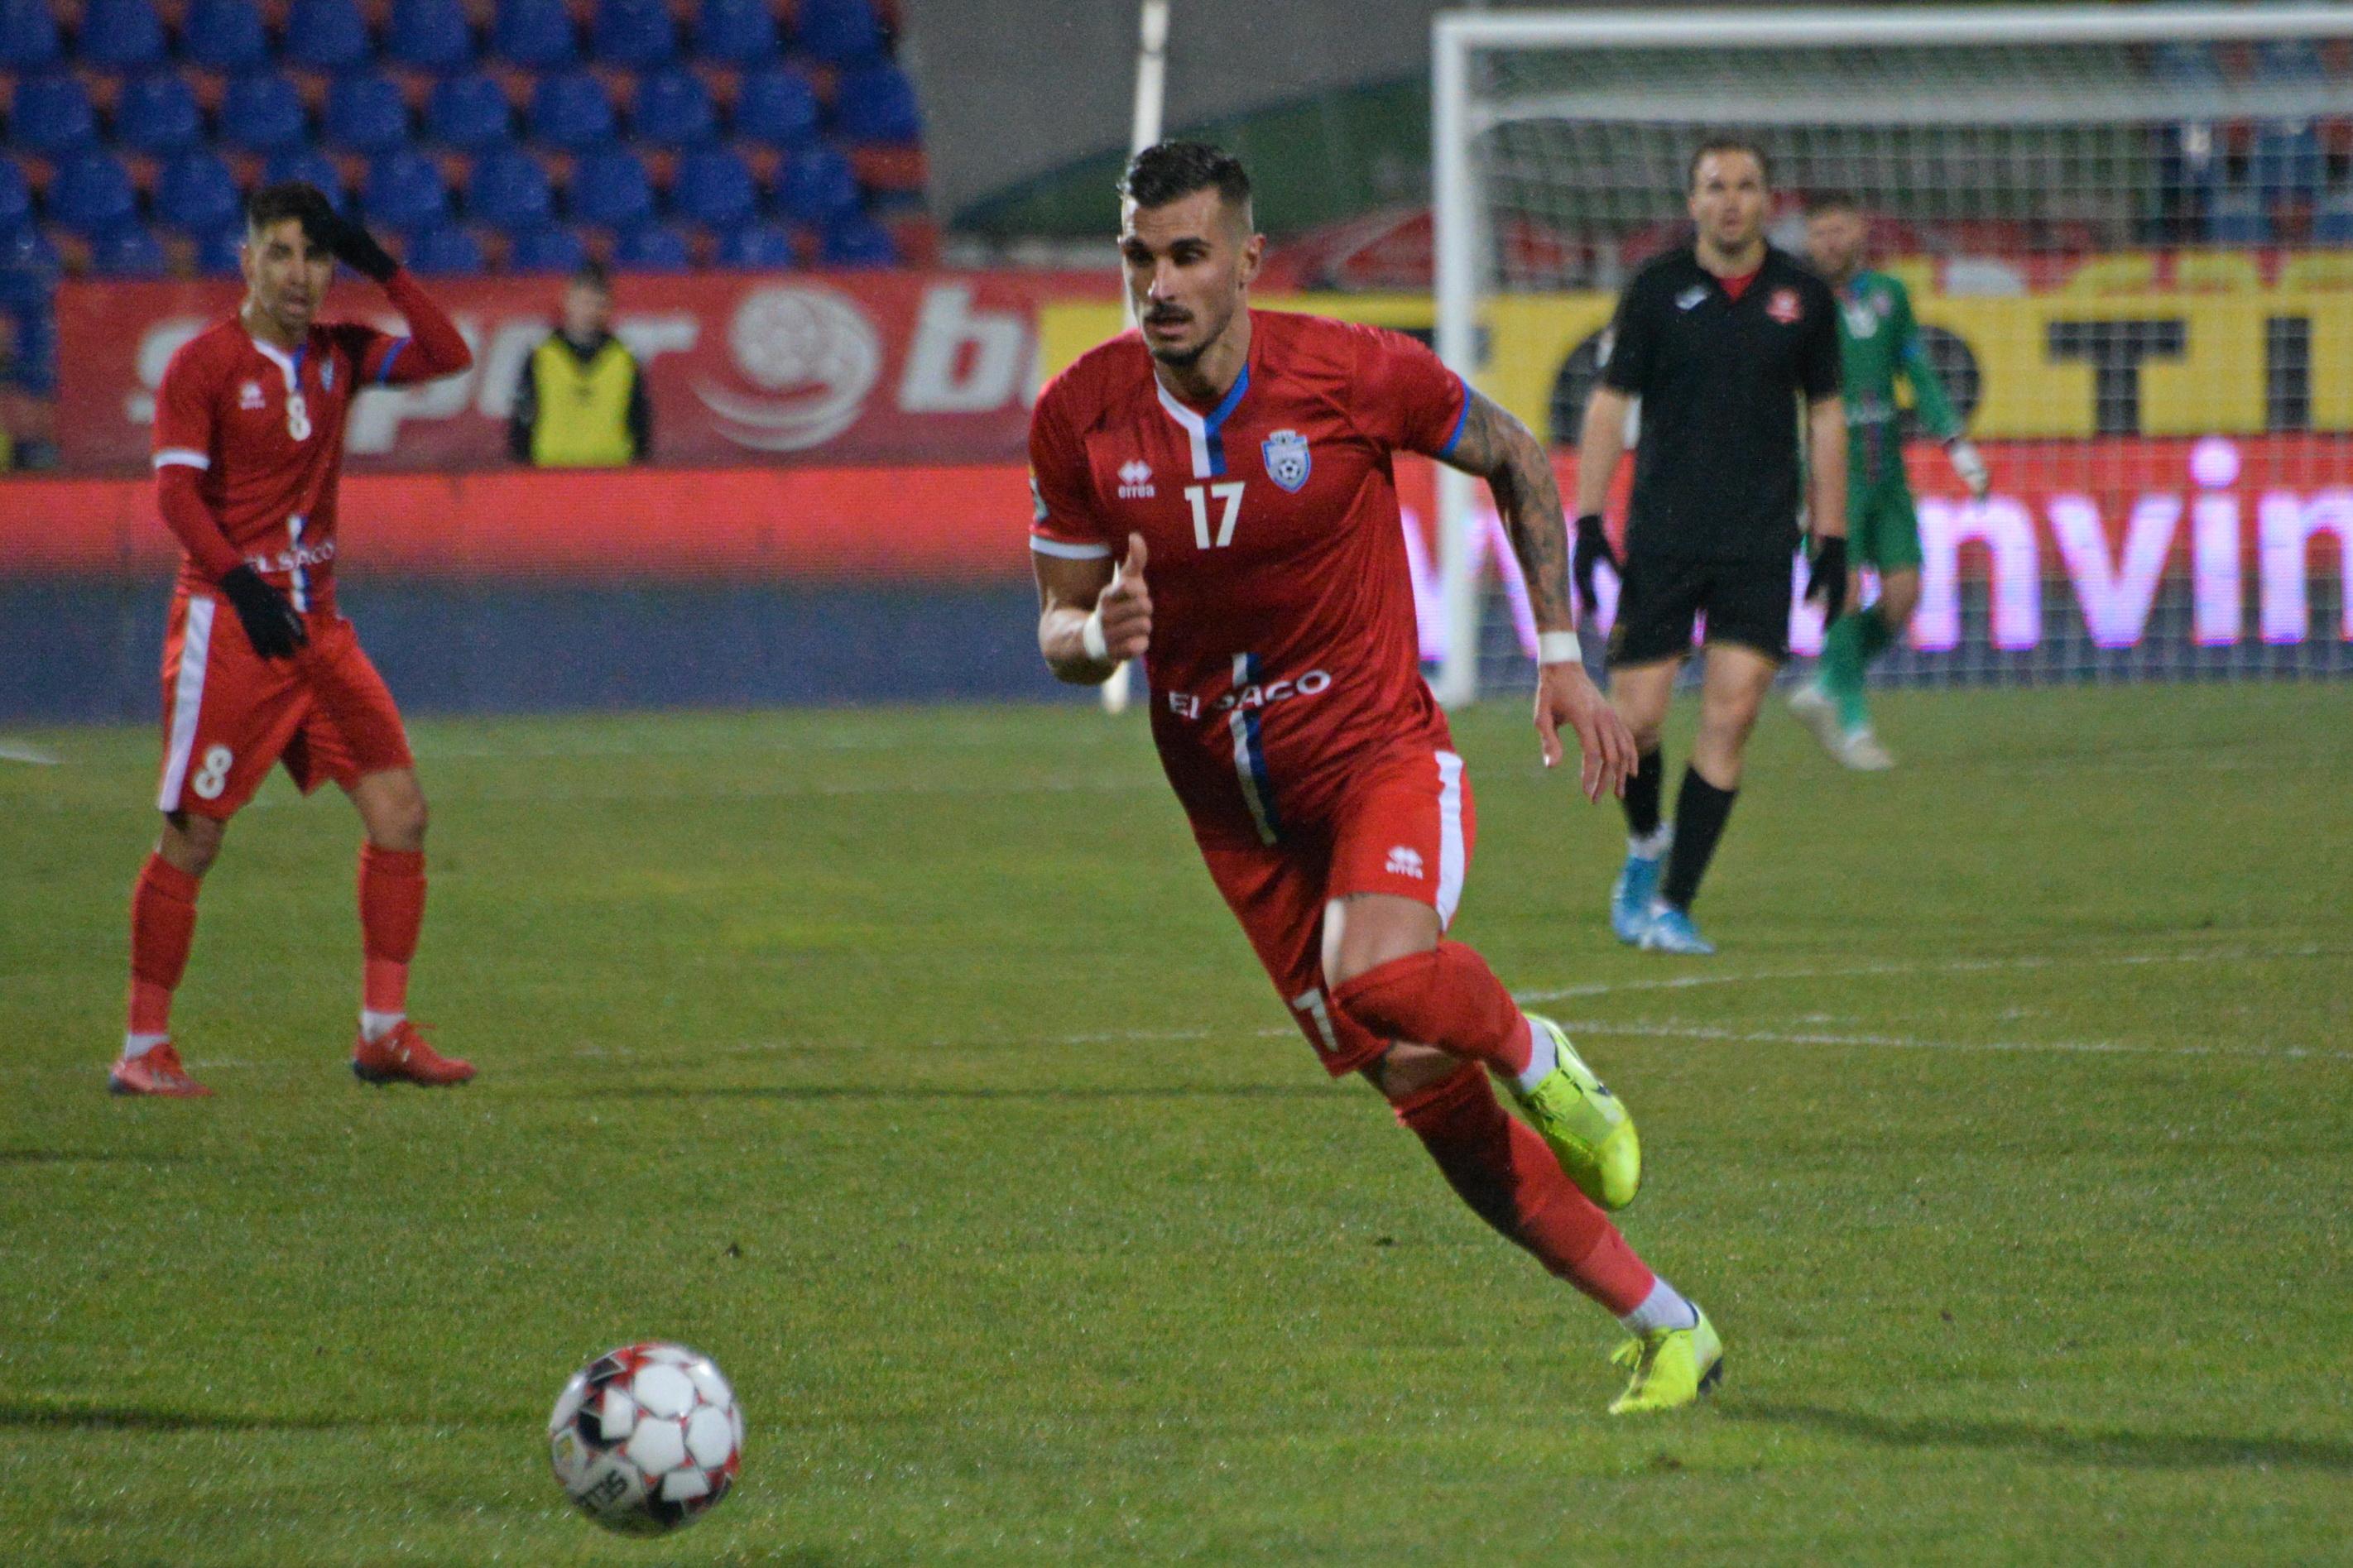 LIVE VIDEO FC Botoșani - Astra, de la 20:30, la Digi Sport 1. Moldovenii continuă cursa pentru Europa League. ECHIPELE